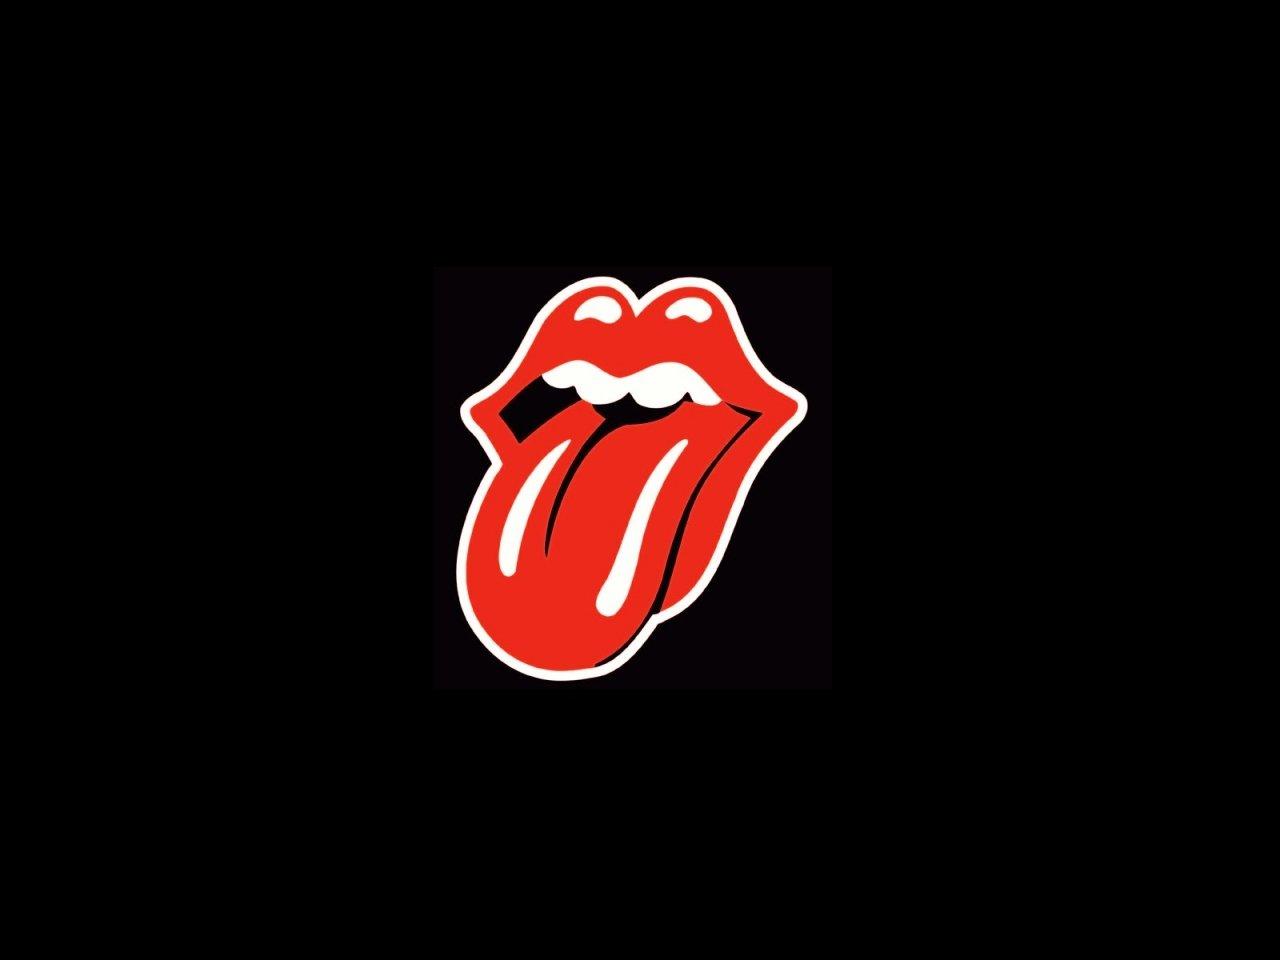 Rolling Stones Hd Wallpaper Wallpapersafari